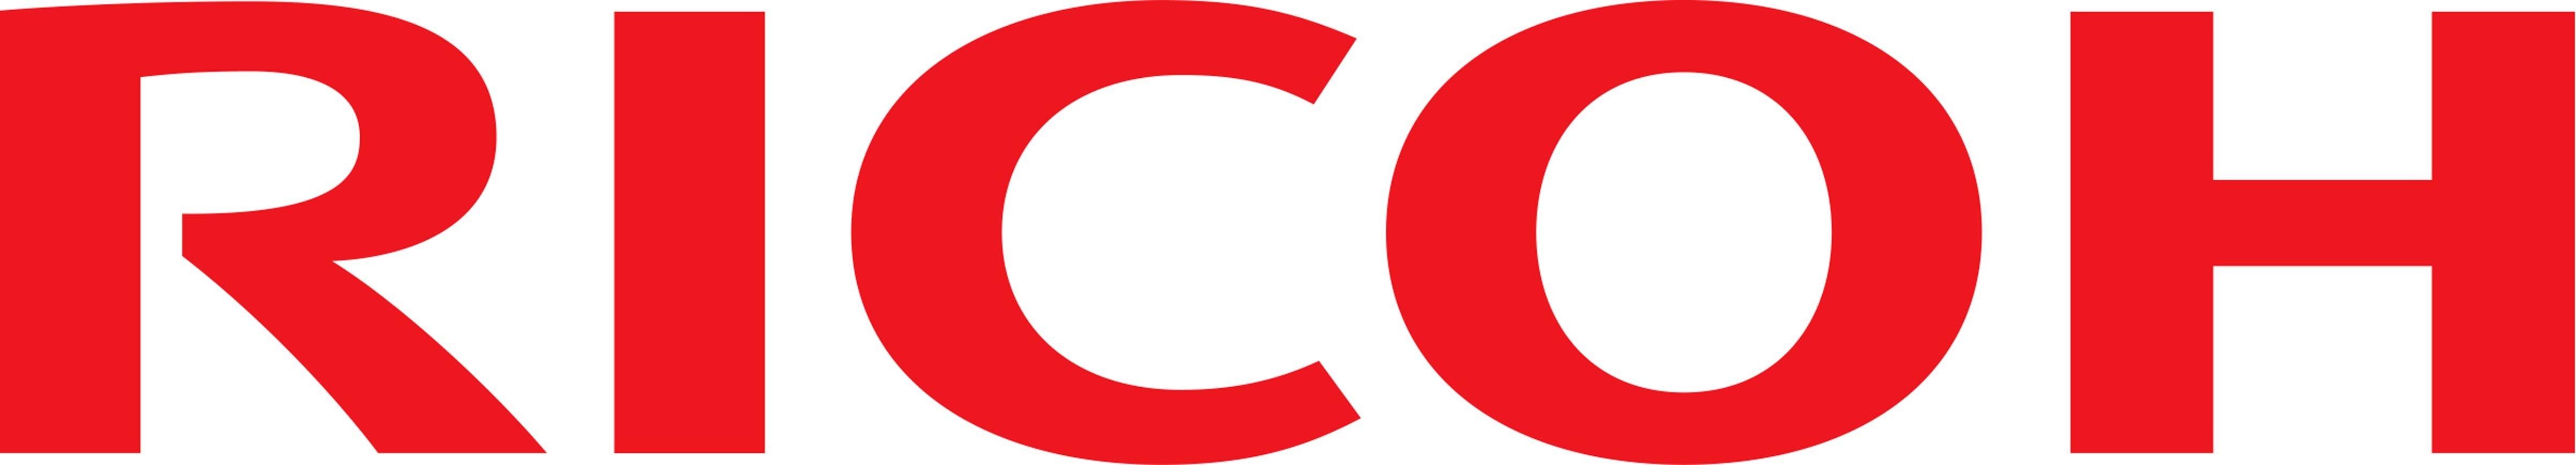 Ricoh Logo Wallpaper